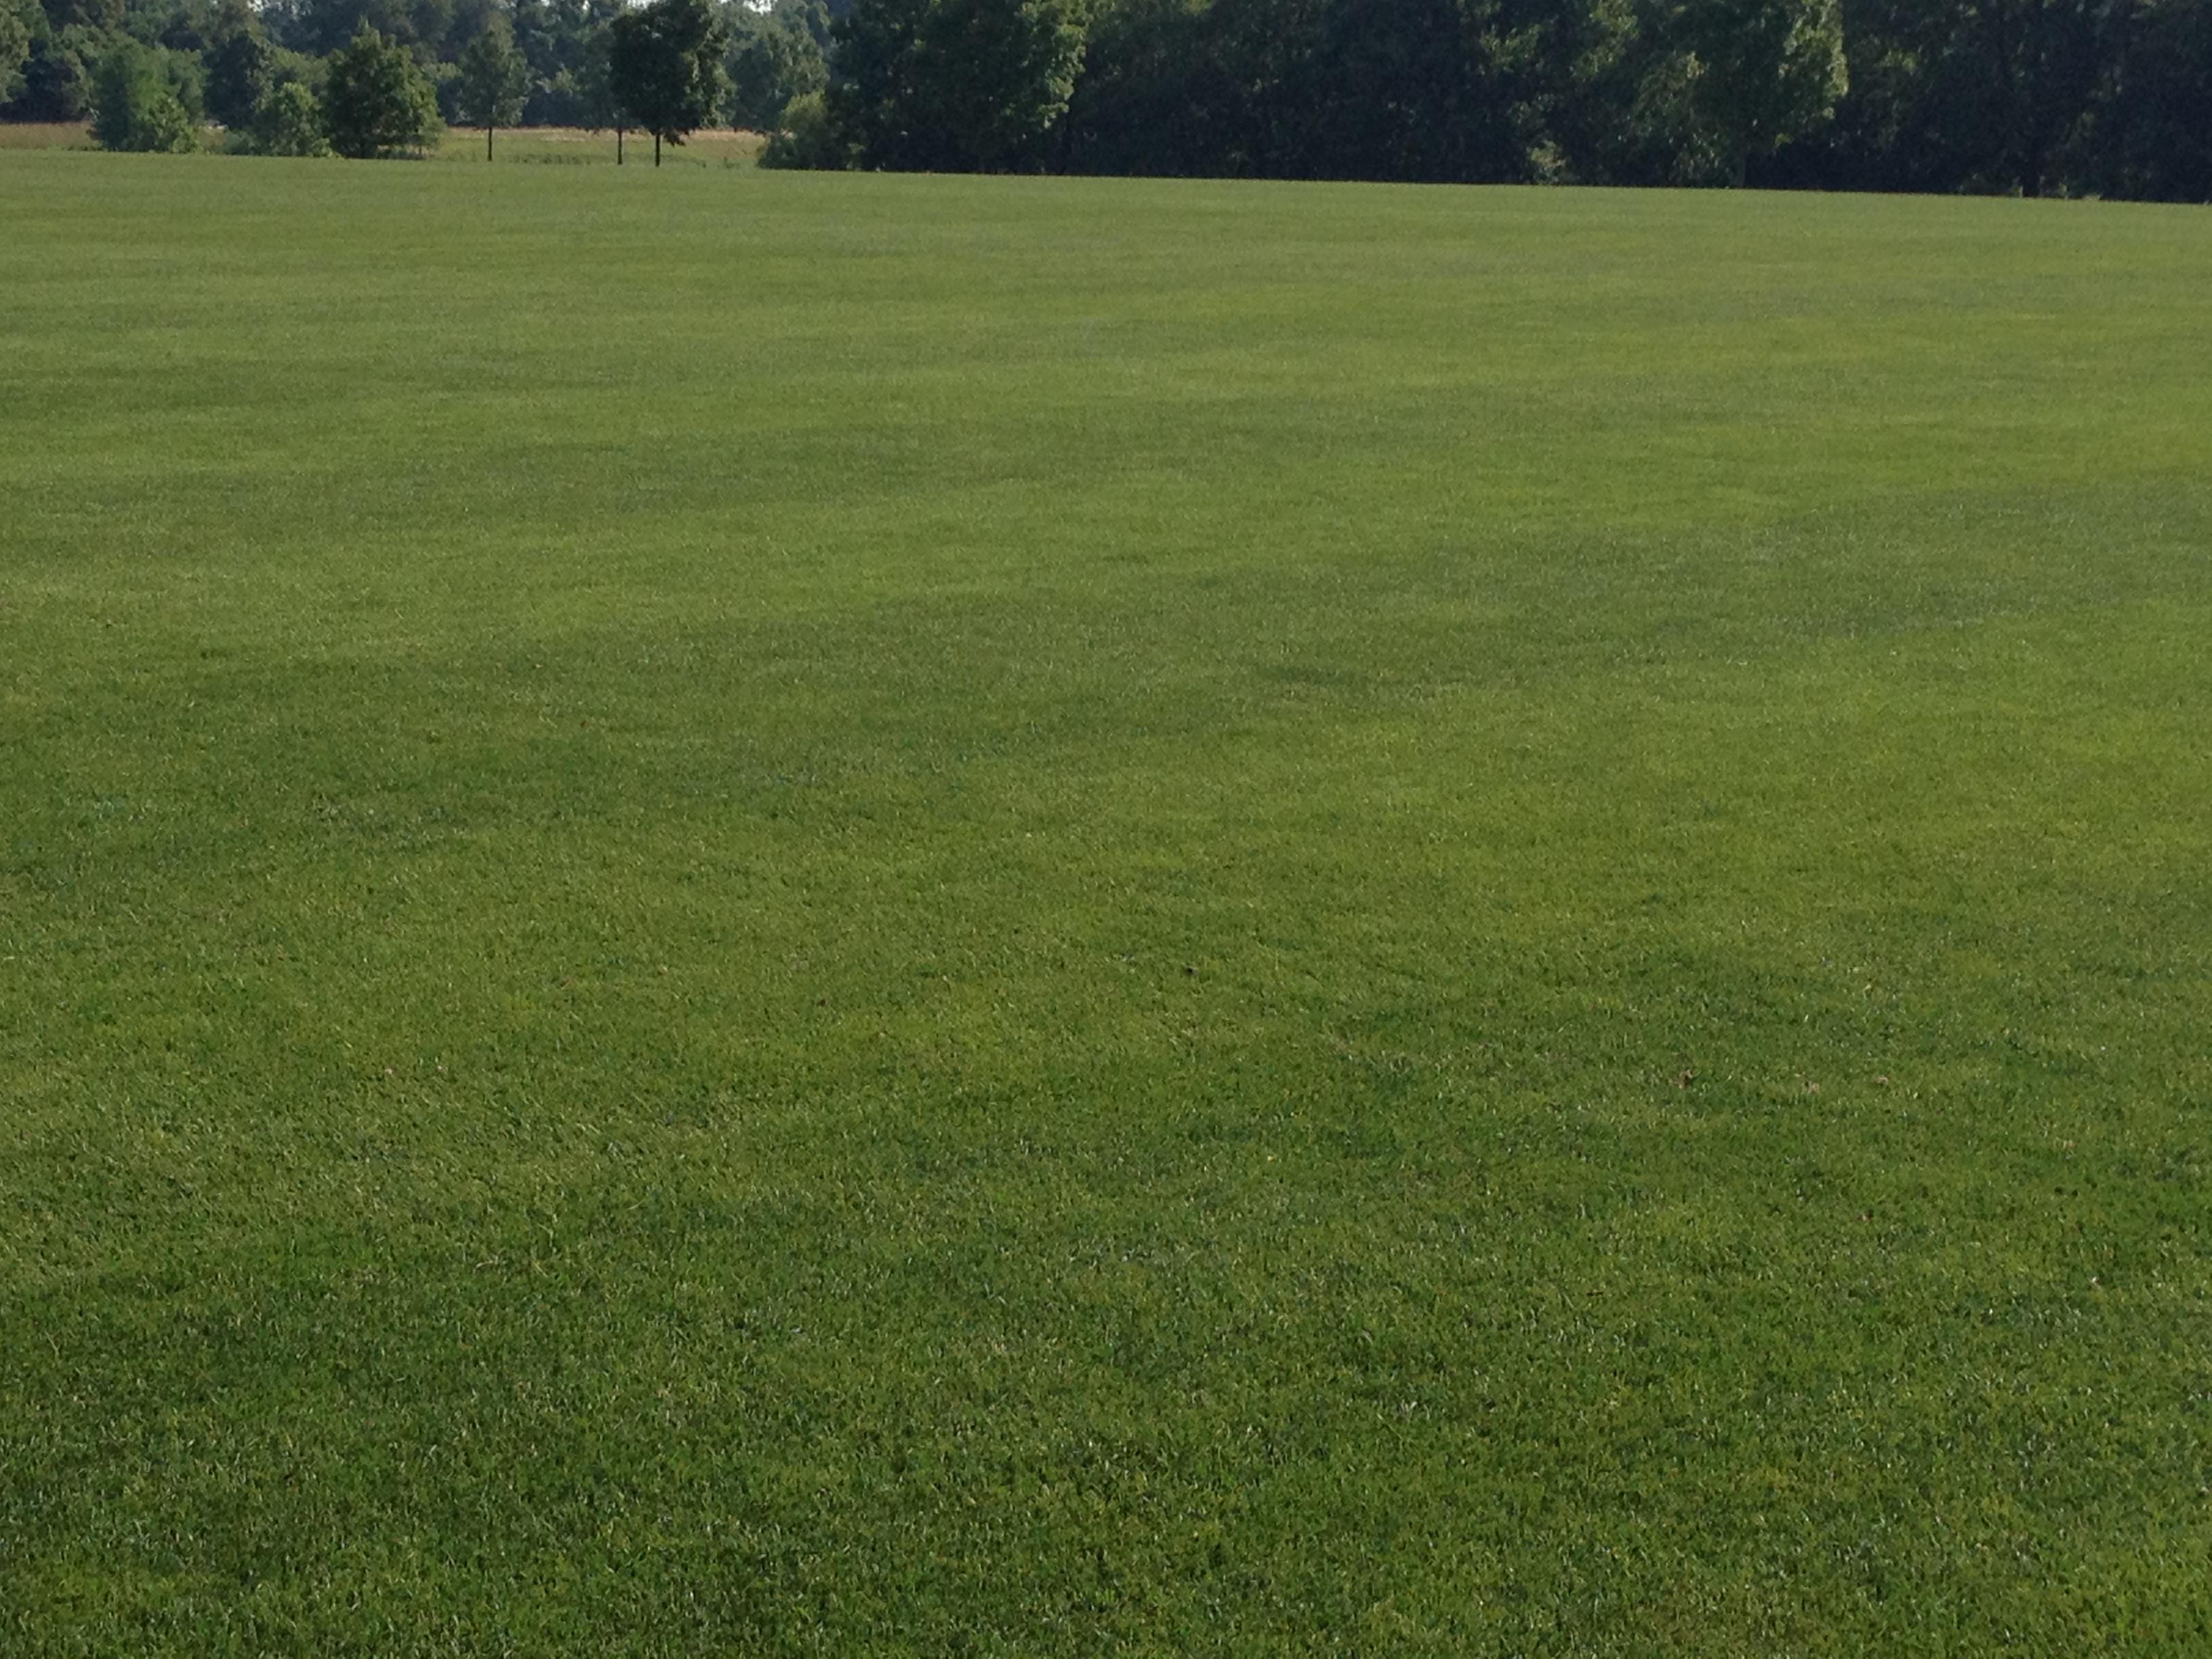 Feilds clipart grass field IMG_1116 Grass Growing Green Numbers